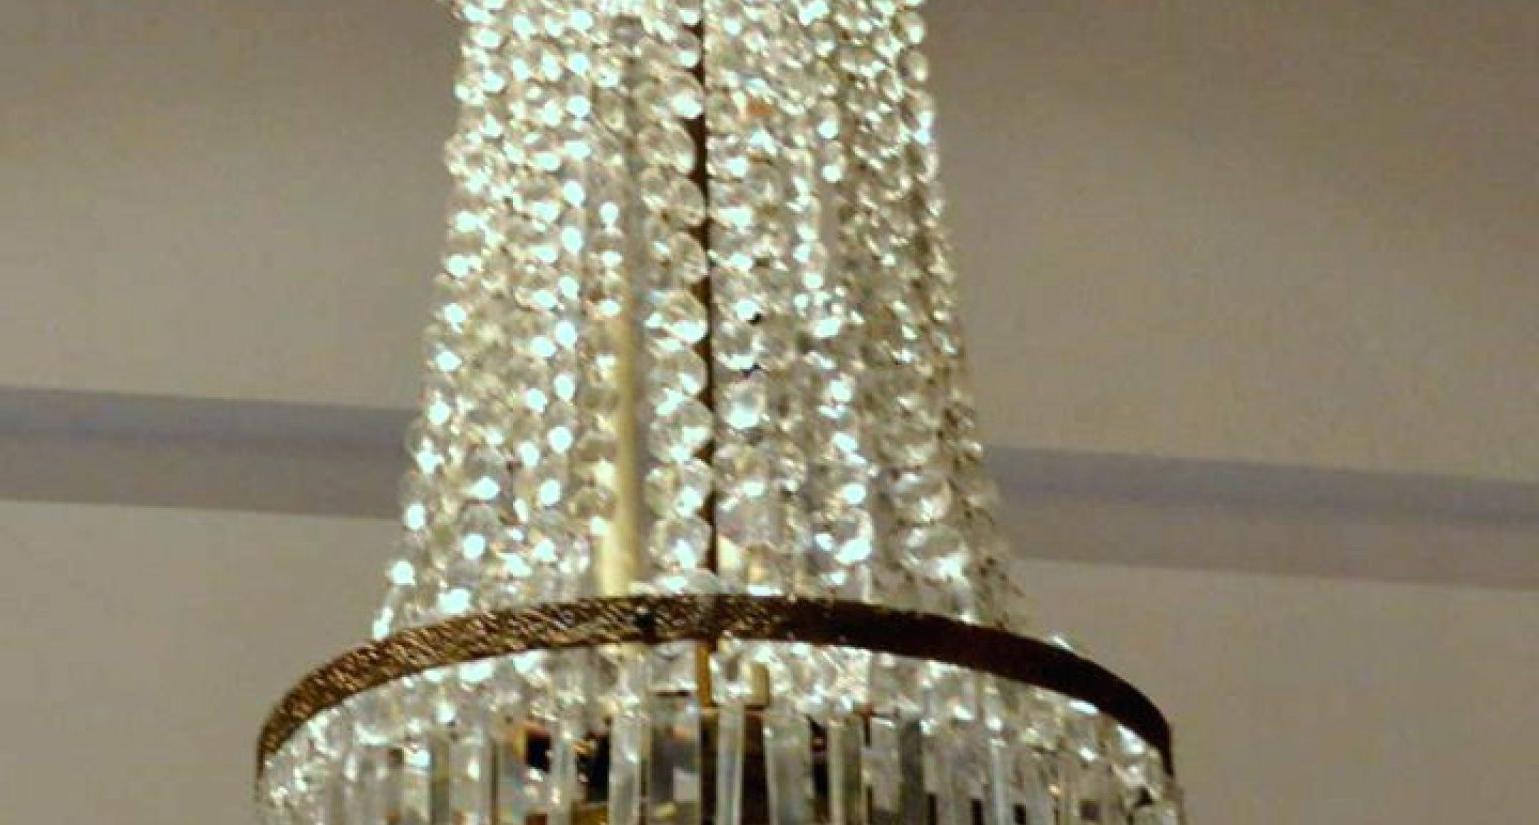 Chandelier : Top 10 Most Expensive Chandeliers In The World Within Well Known Expensive Chandeliers (View 2 of 15)